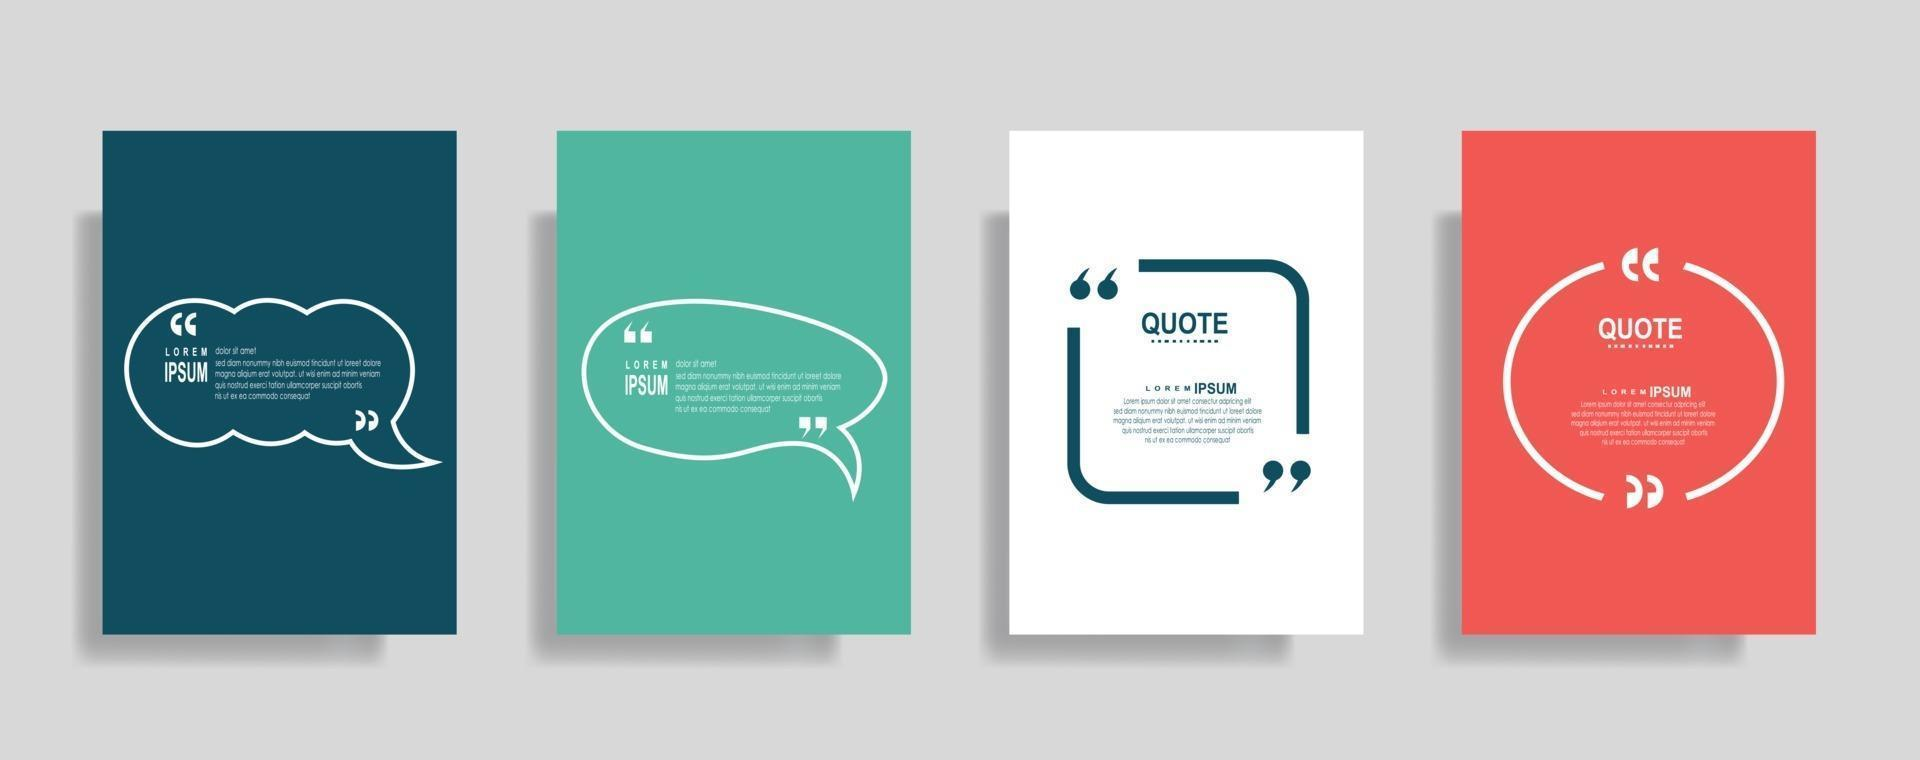 cita o conjunto de modelos em branco do quadro, texto entre colchetes, balões de fala vazios da citação. texto bos isolado na cor de fundo. vetor